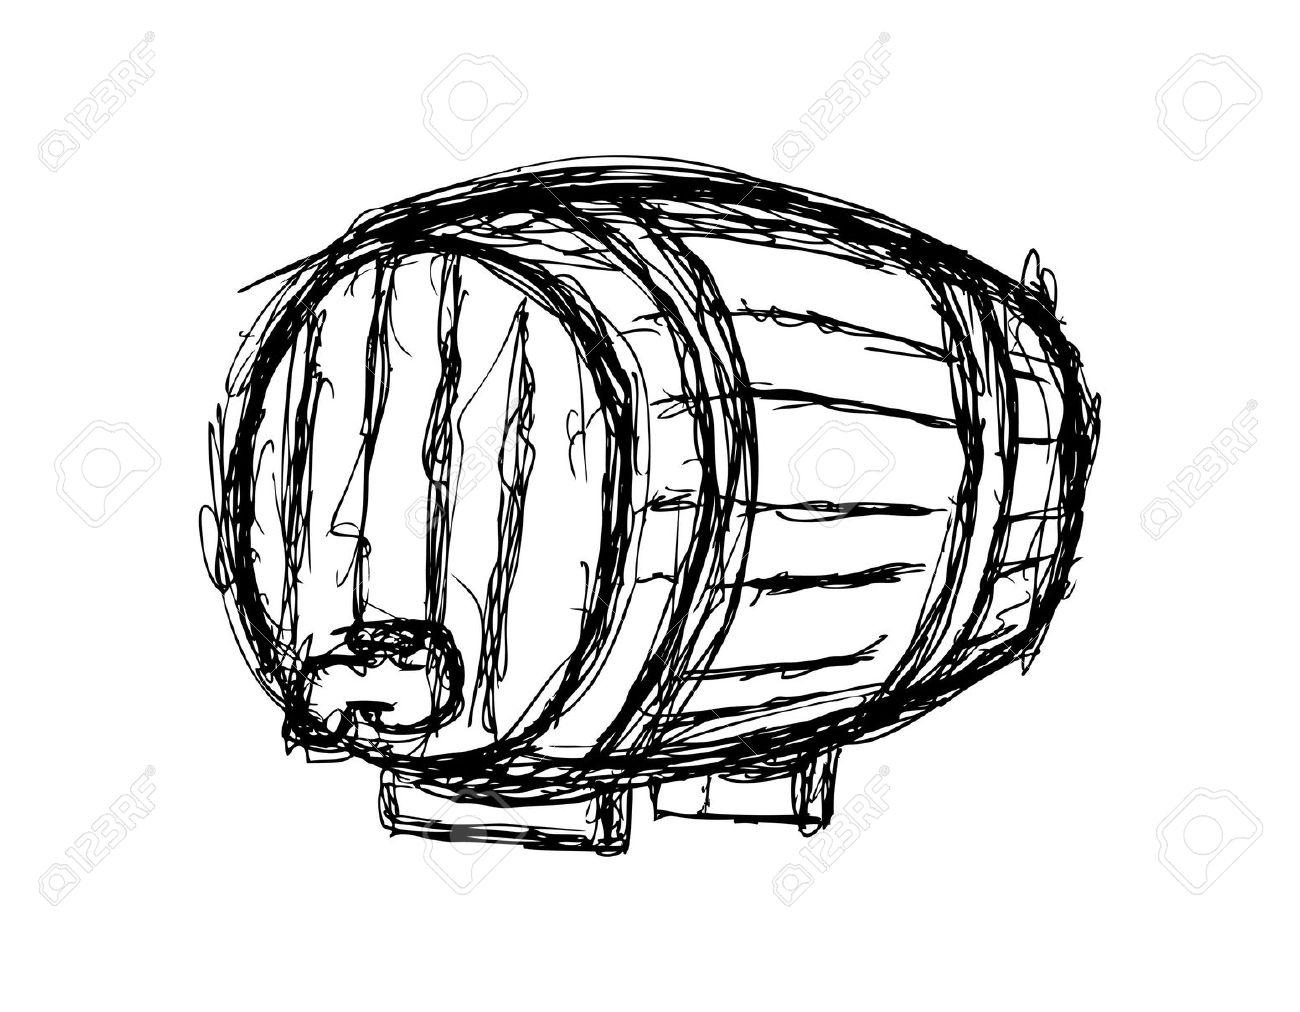 Aging Barrels Clipart 20 Free Cliparts